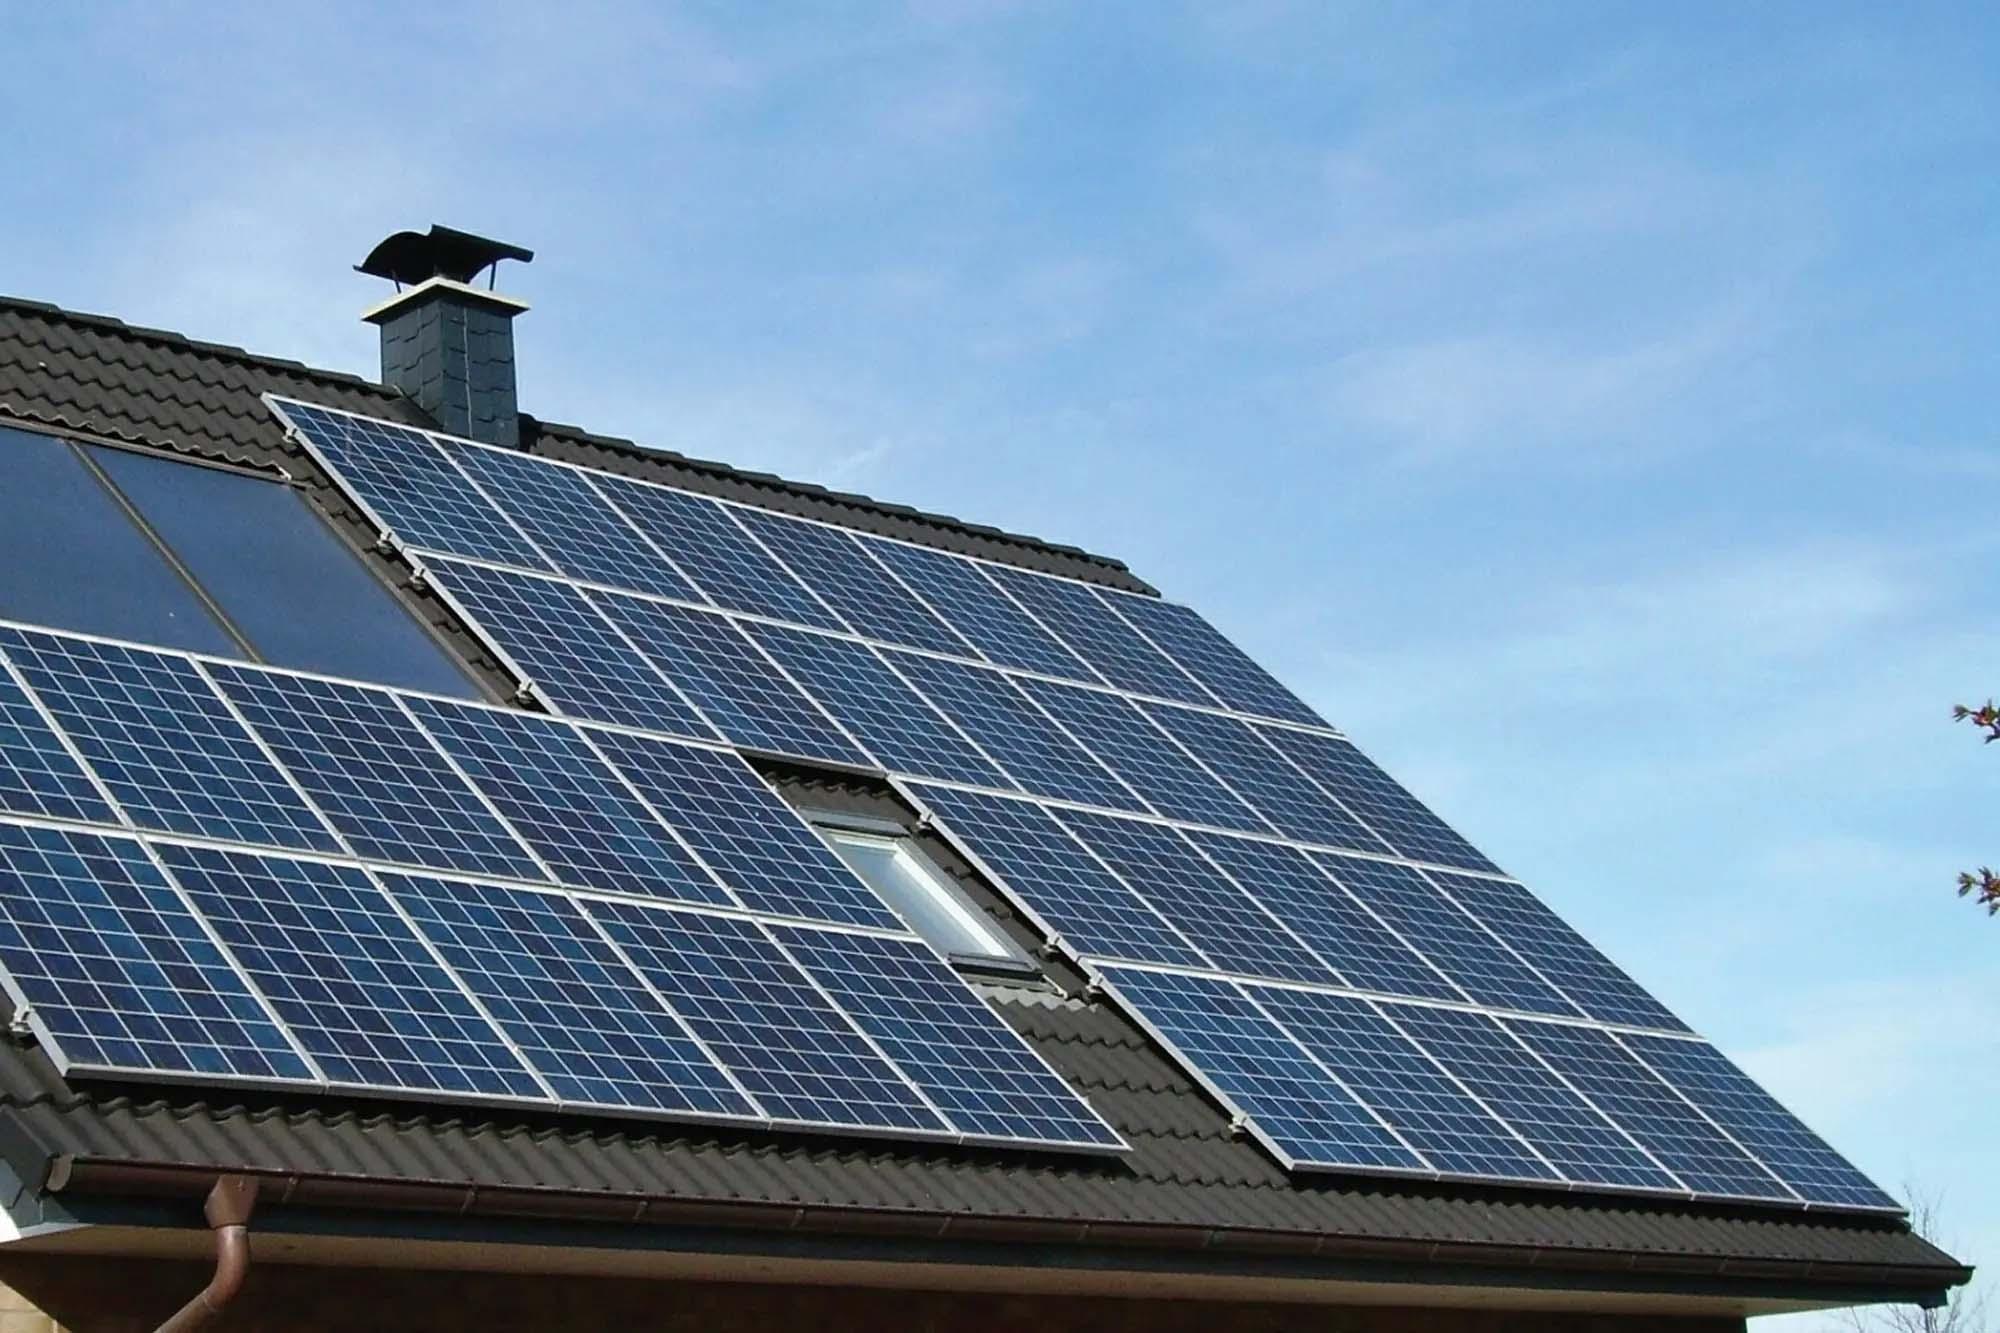 energia-solar-cuanto-sale-equipar-una-casa-para-dejar-de-pagar-gas-y-luz.jpg